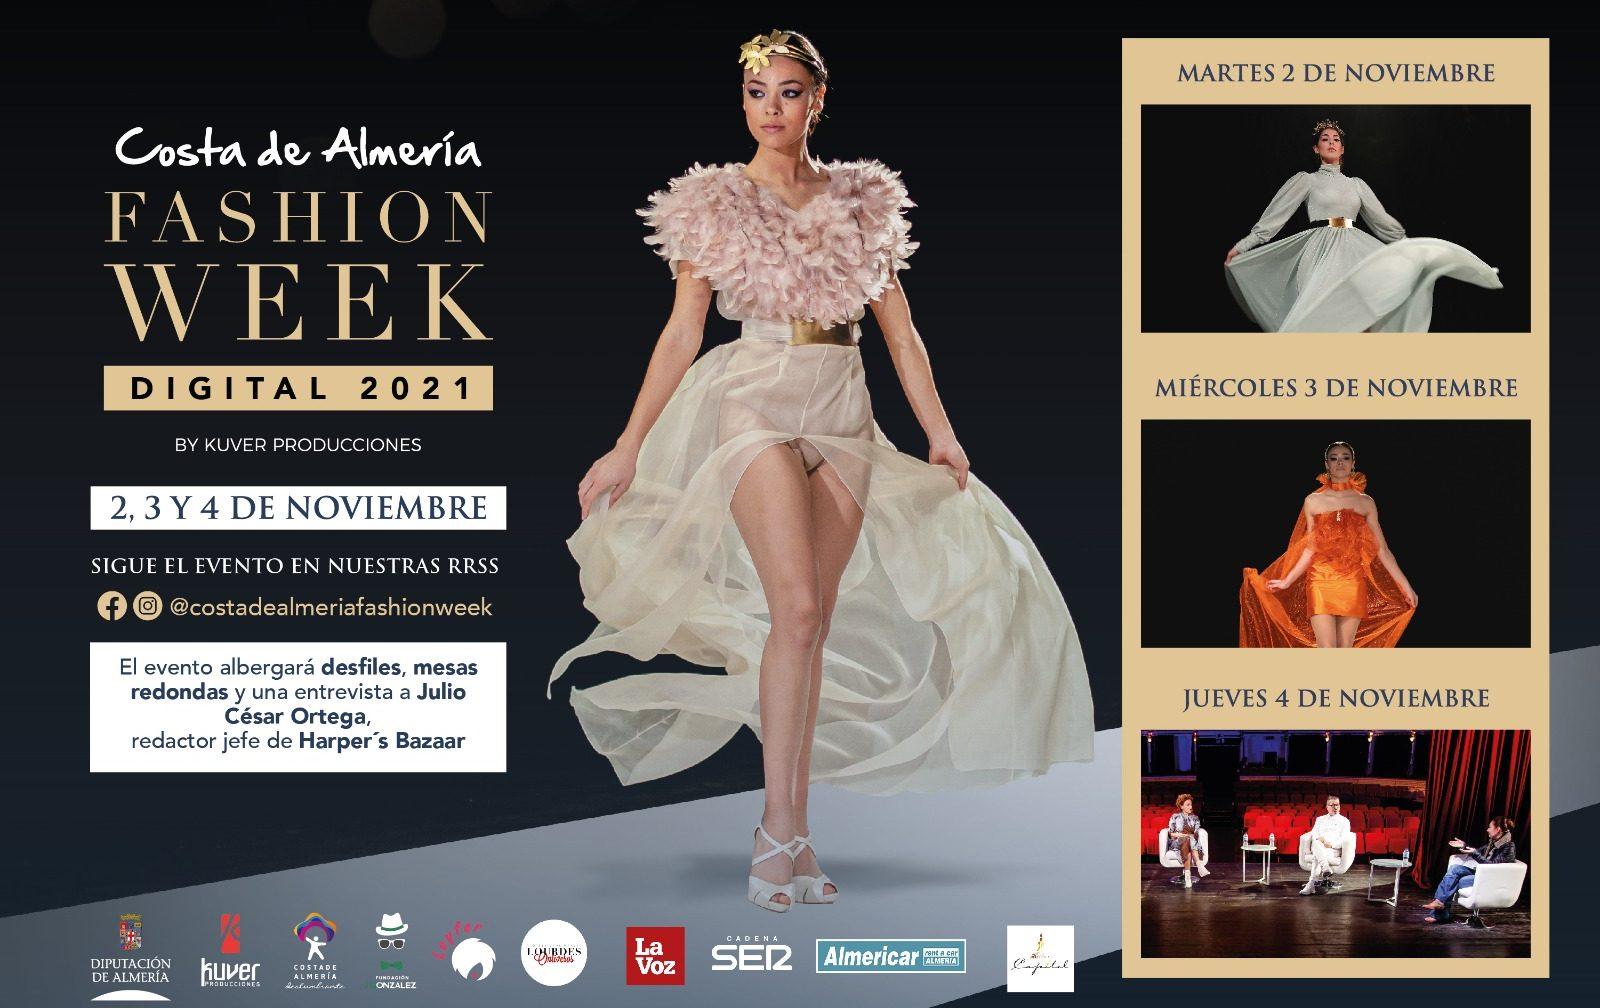 'Costa de Almería Fashion Week Digital 2021' prepara tres días de desfiles y mesas redondas